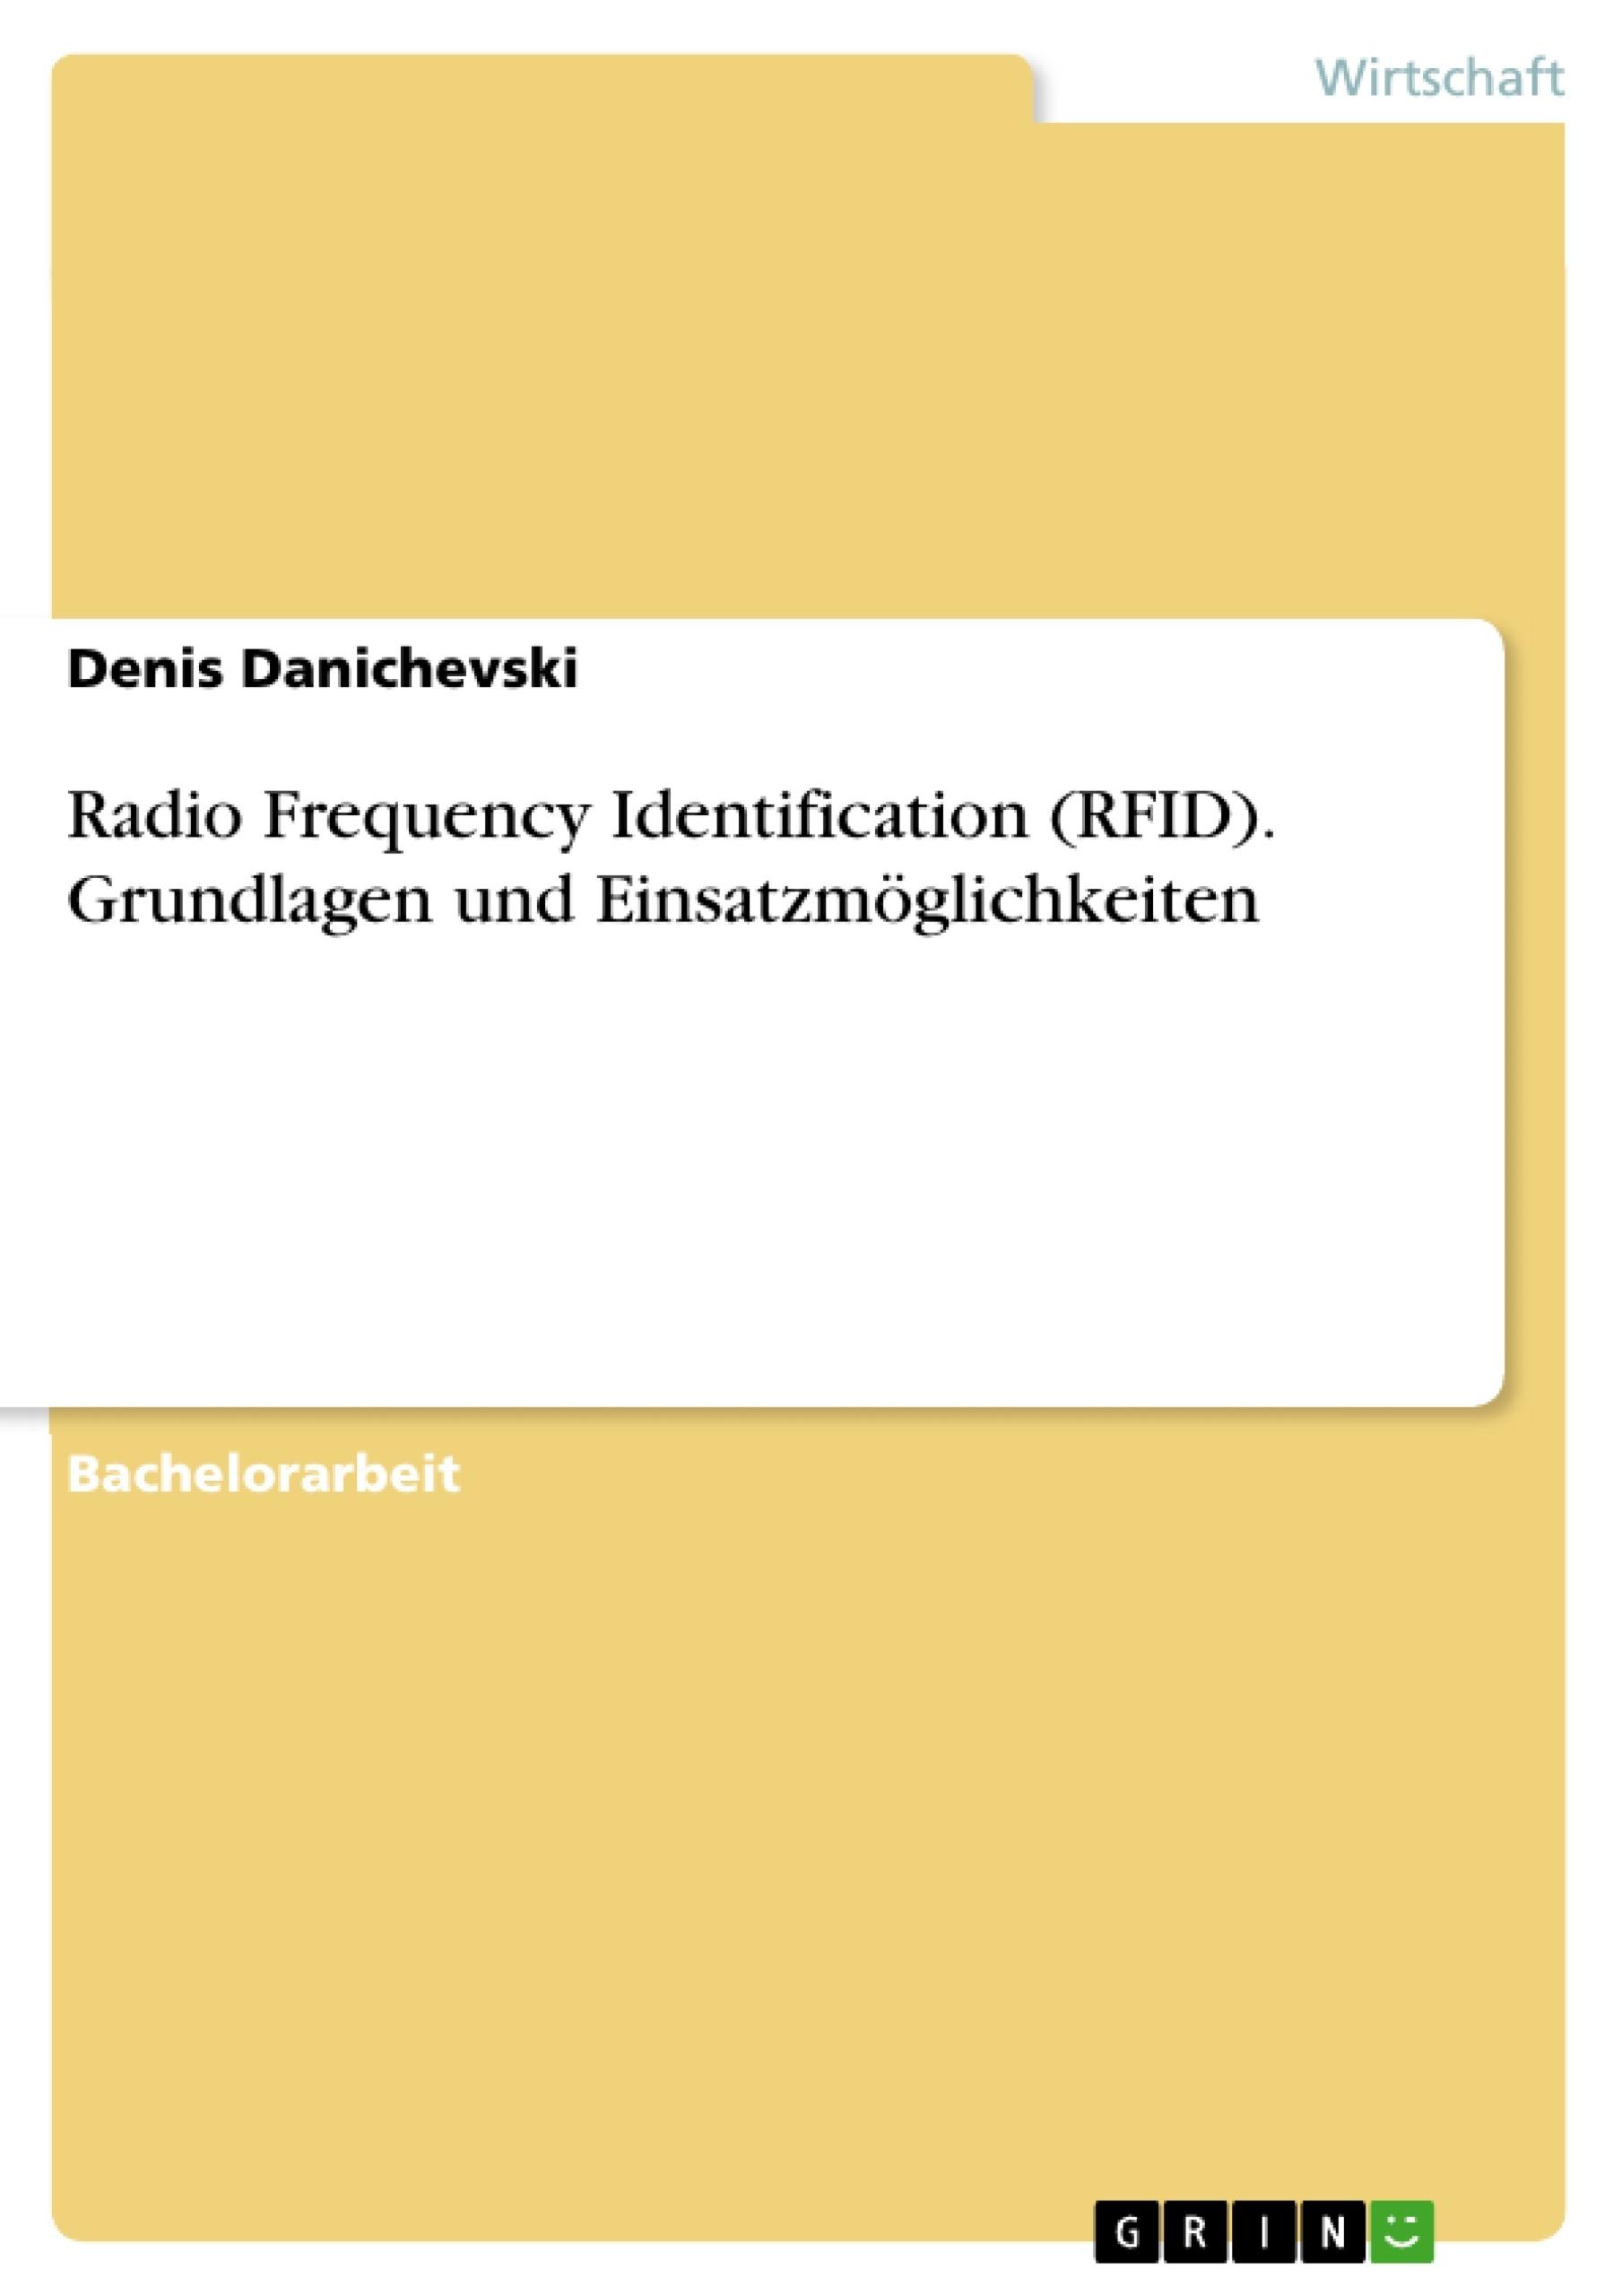 Titel: Radio Frequency Identification (RFID).  Grundlagen und Einsatzmöglichkeiten